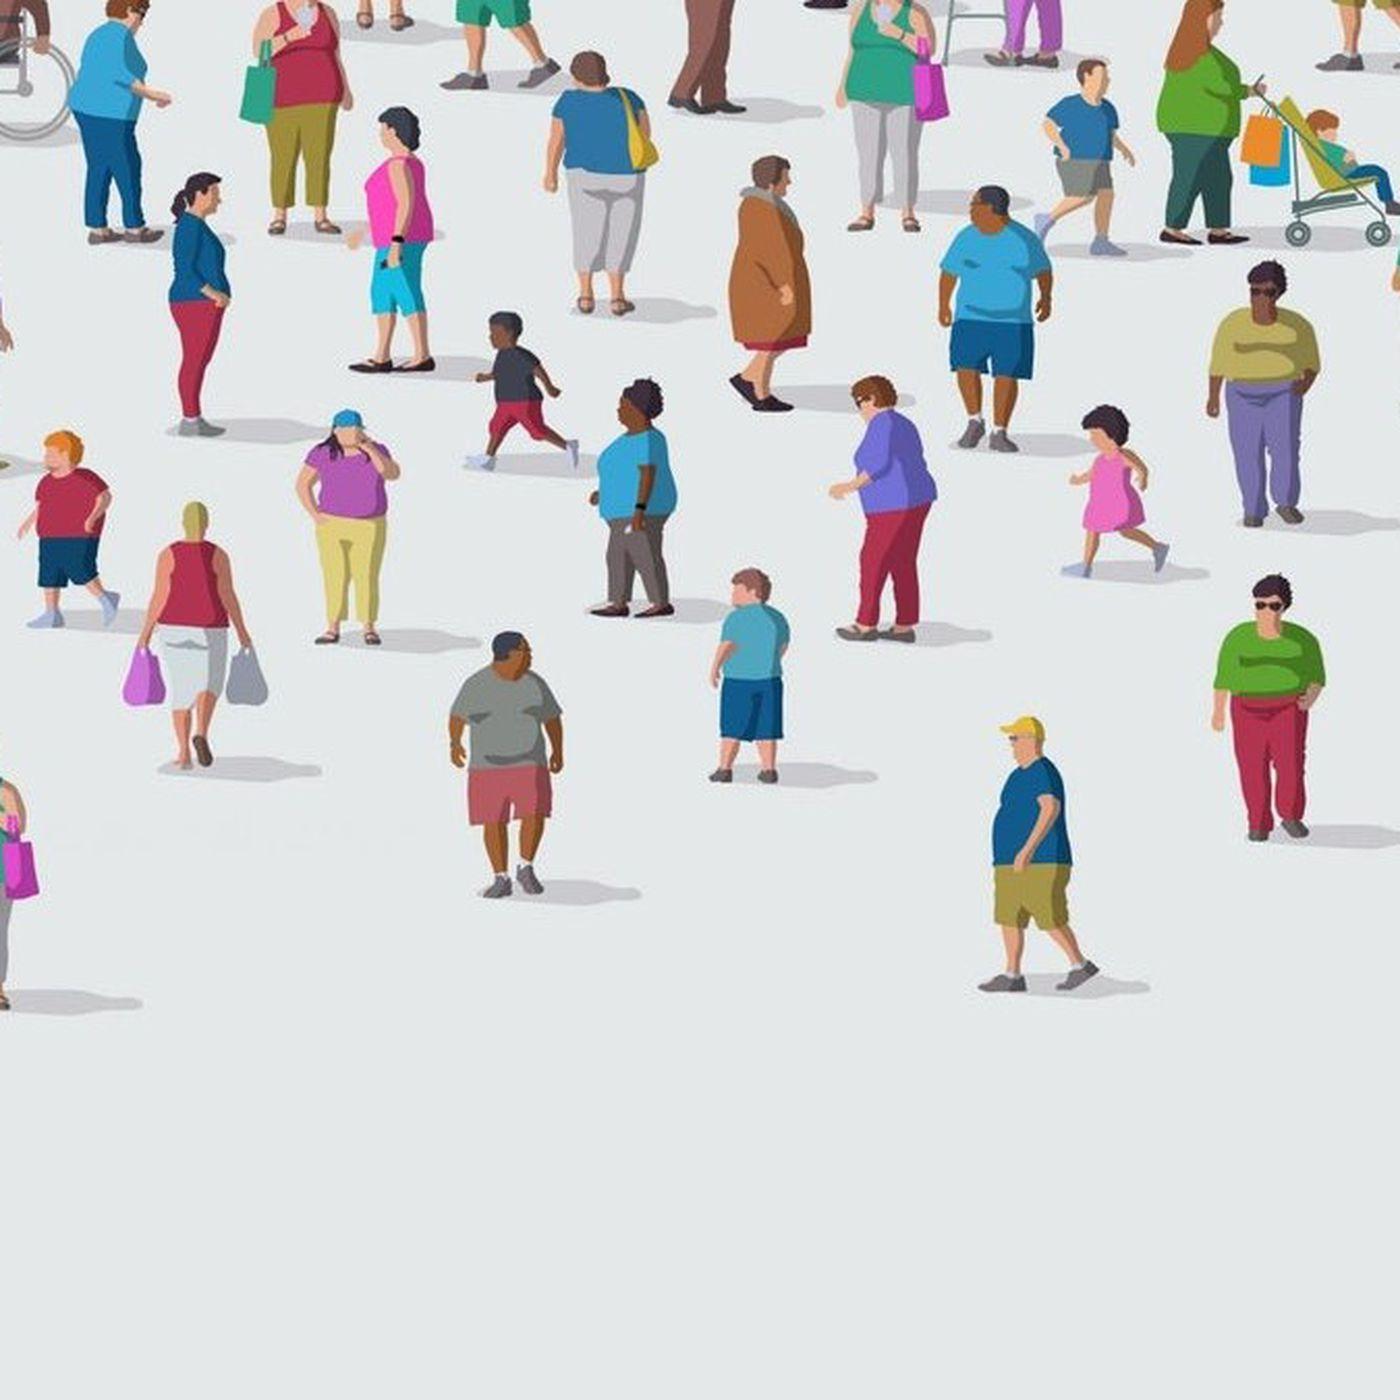 Obezite, Virüs Yoluyla Yayılan Bulaşıcı Bir Hastalık Olabilir mi?